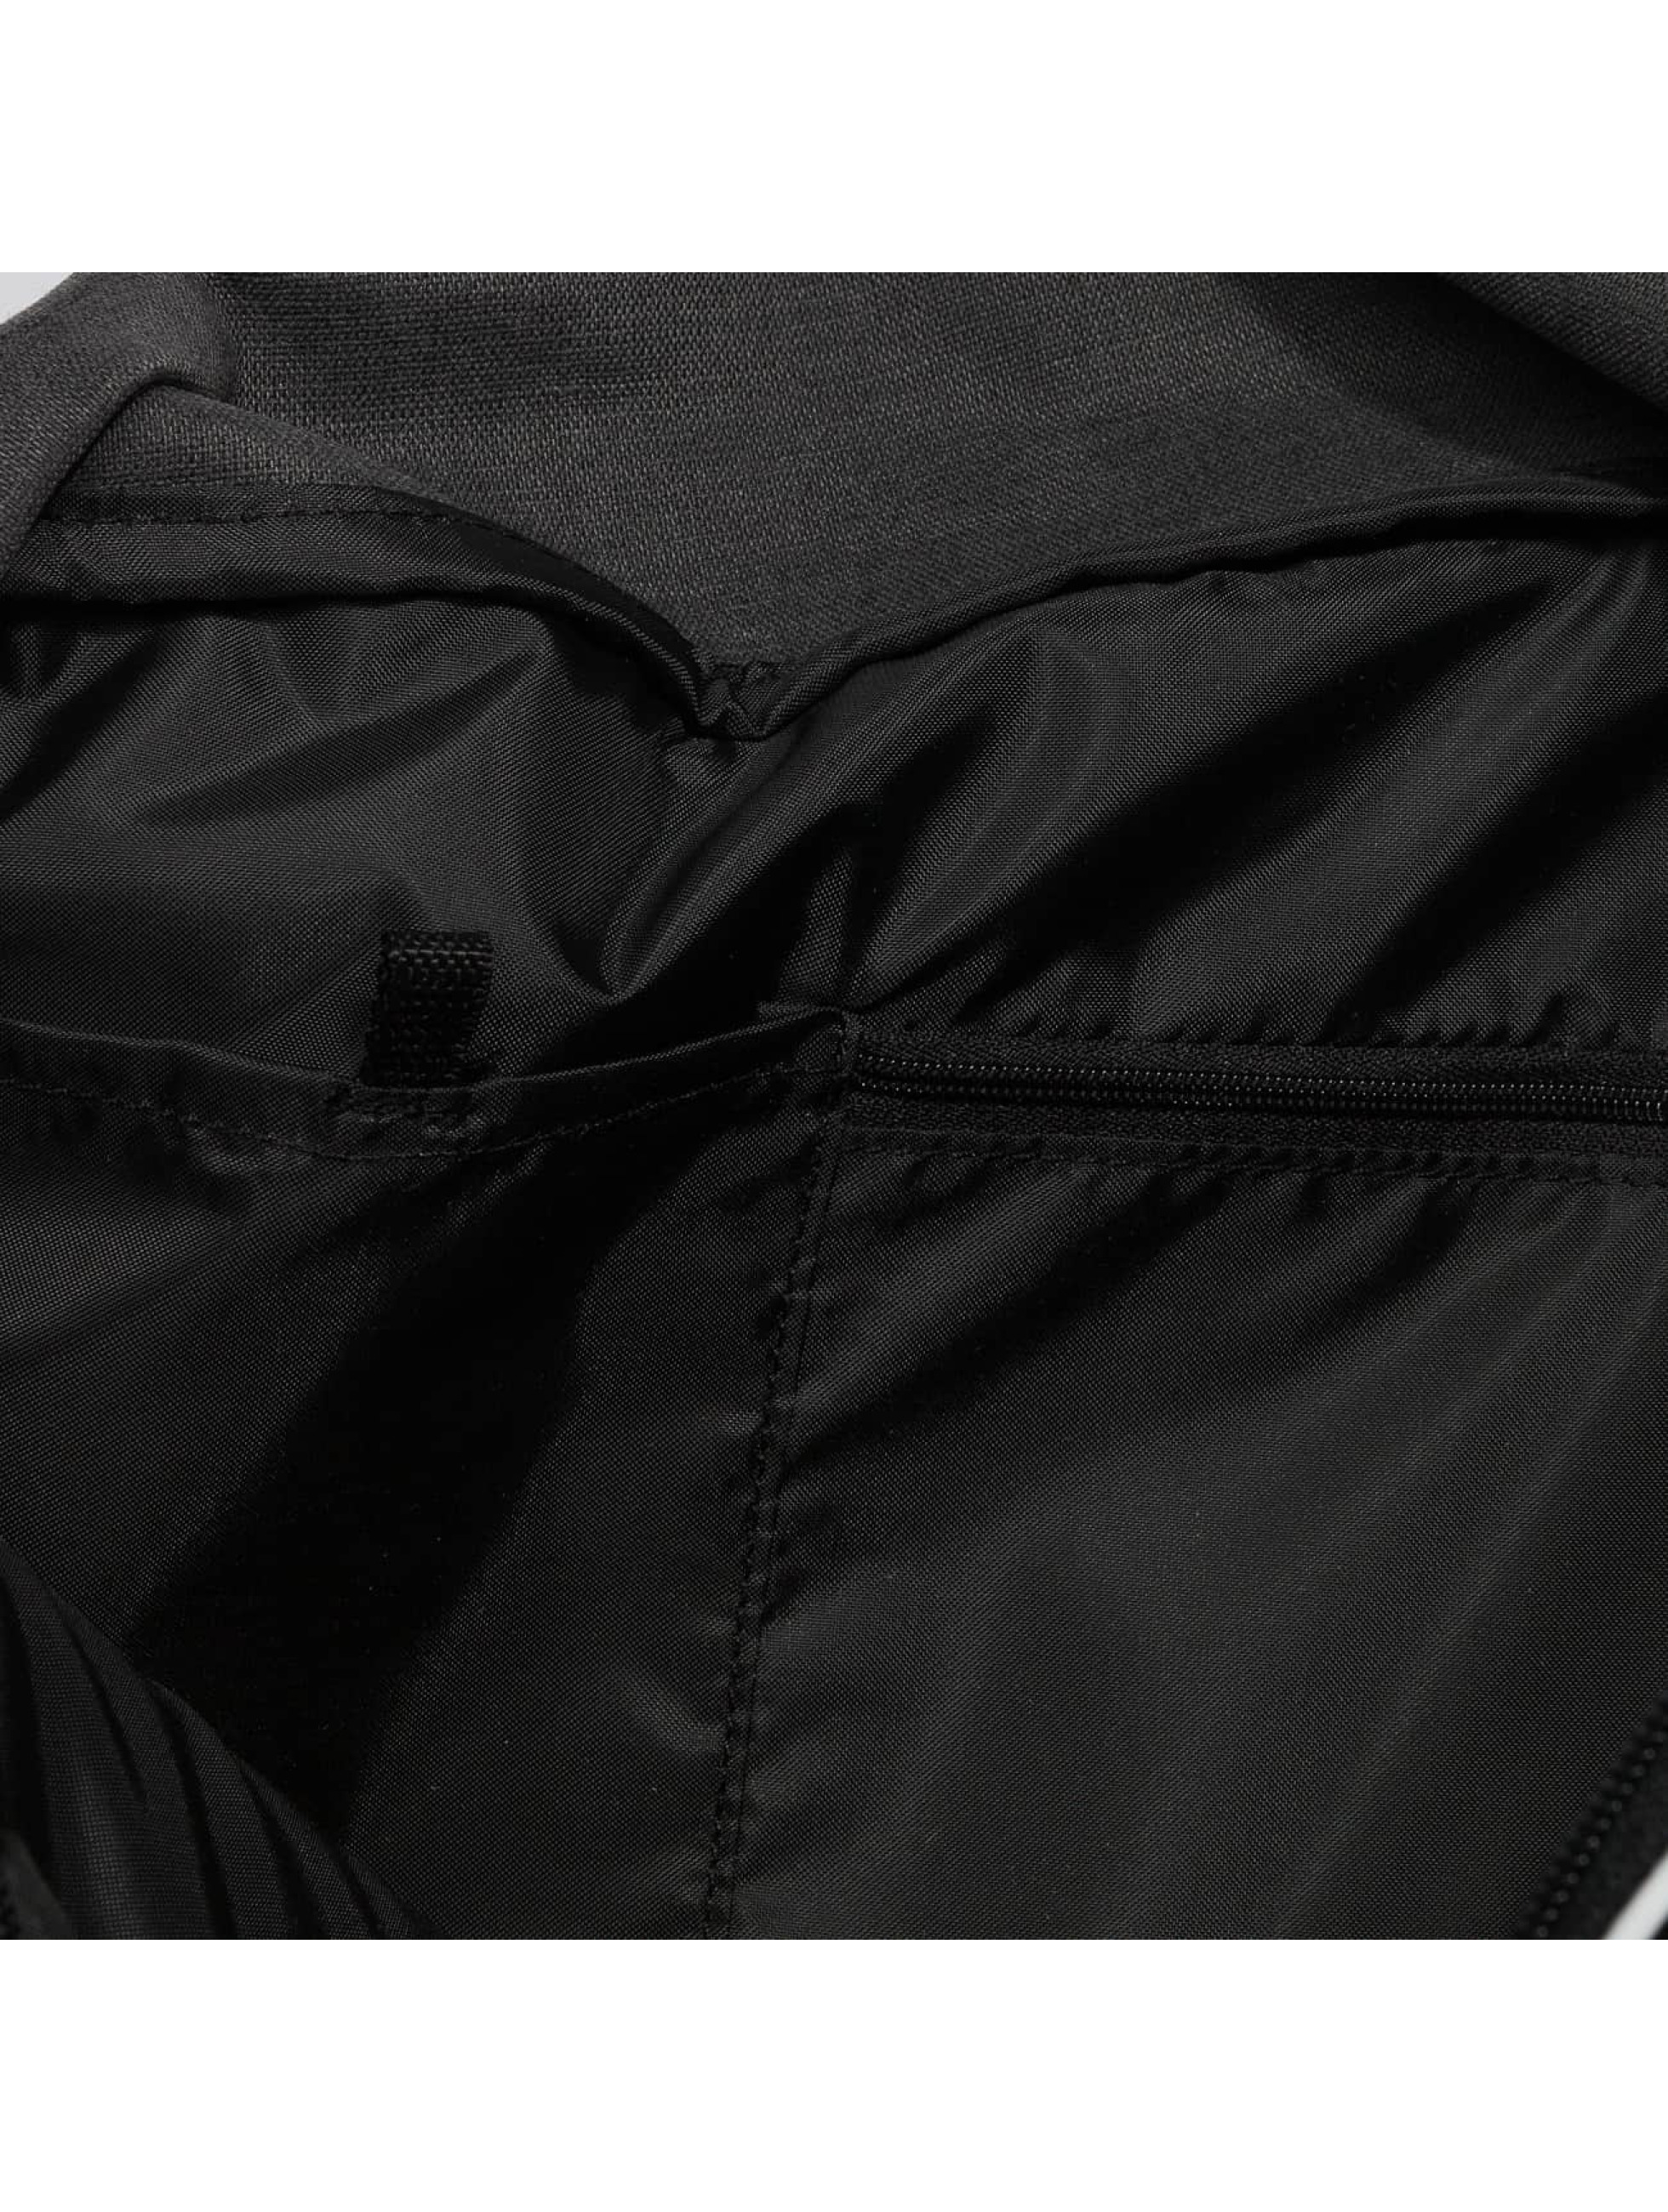 adidas Bag Airliner Vintage black